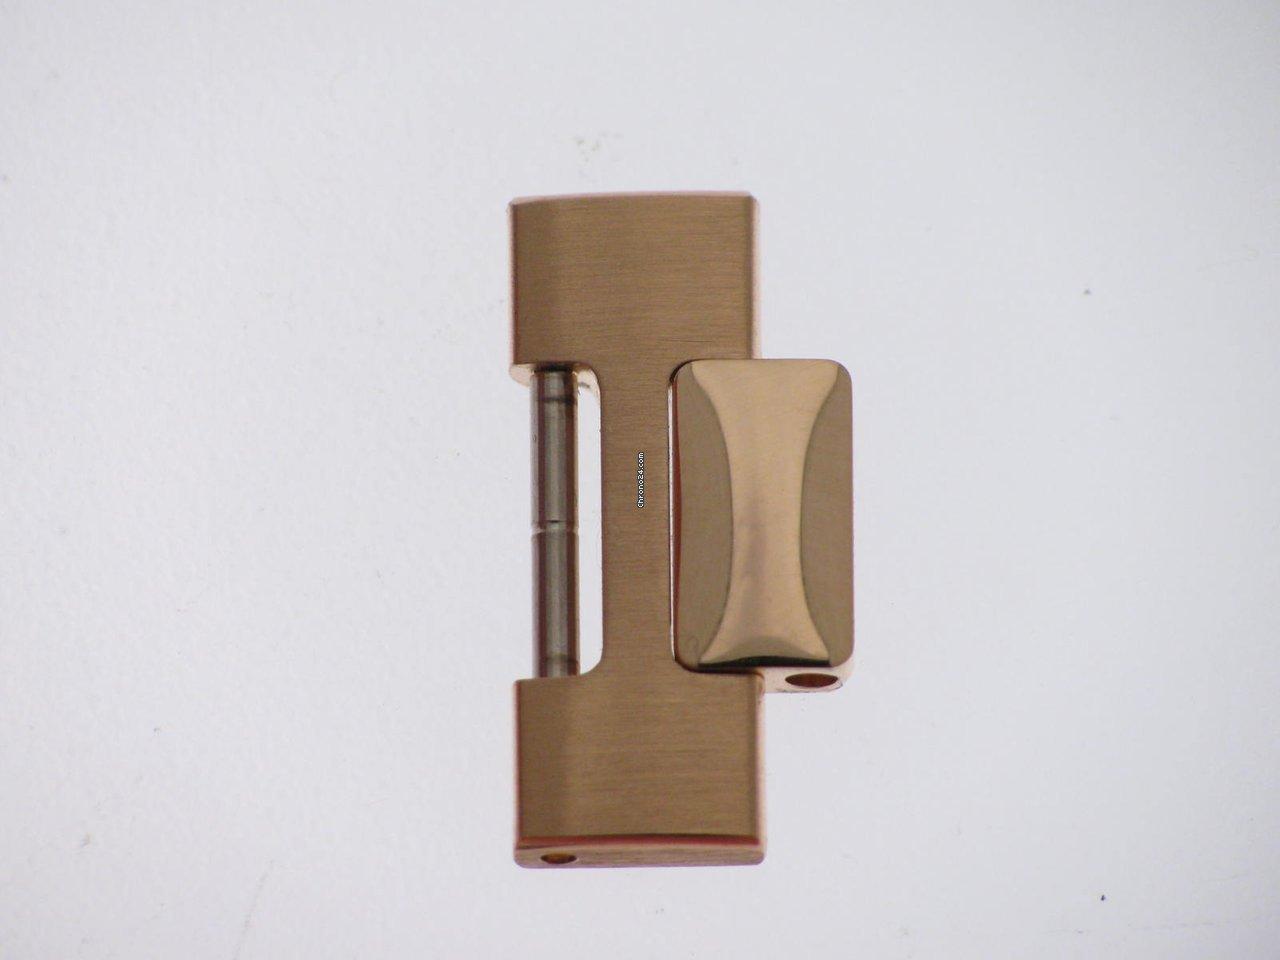 Patek Philippe Nautilus 5711/1R-001 new